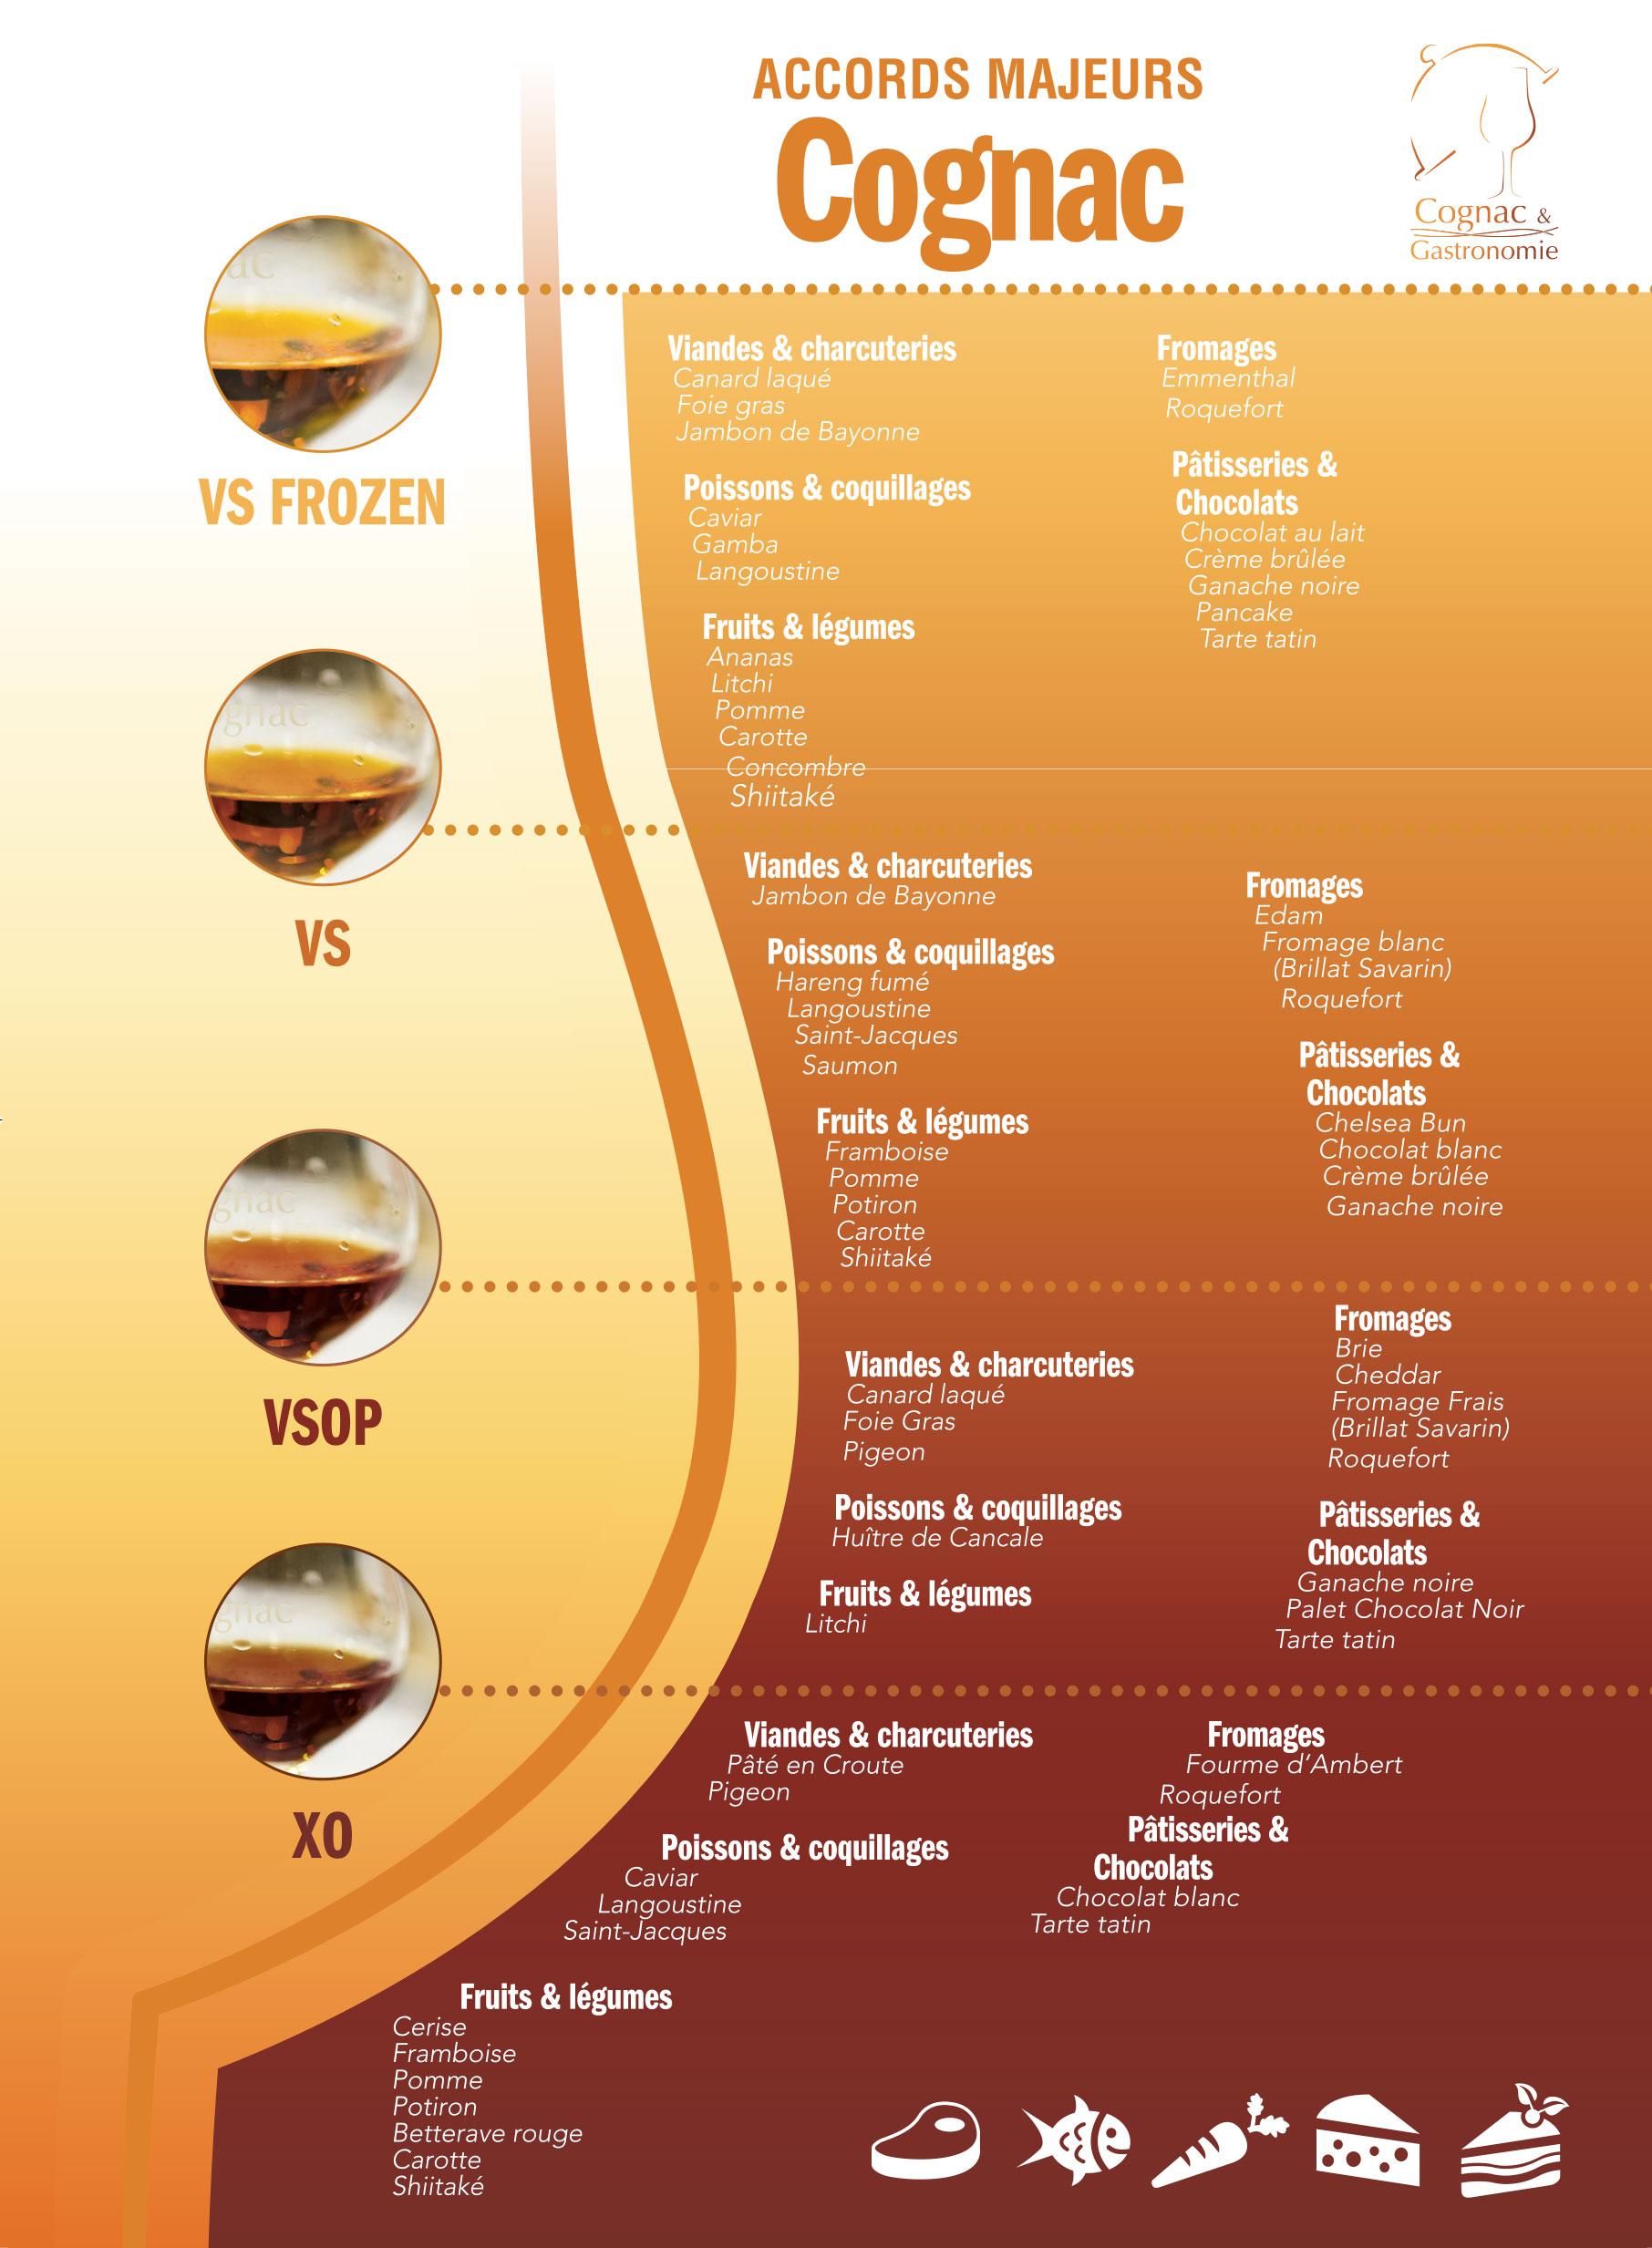 Le Cognac présente ses accords majeurs.